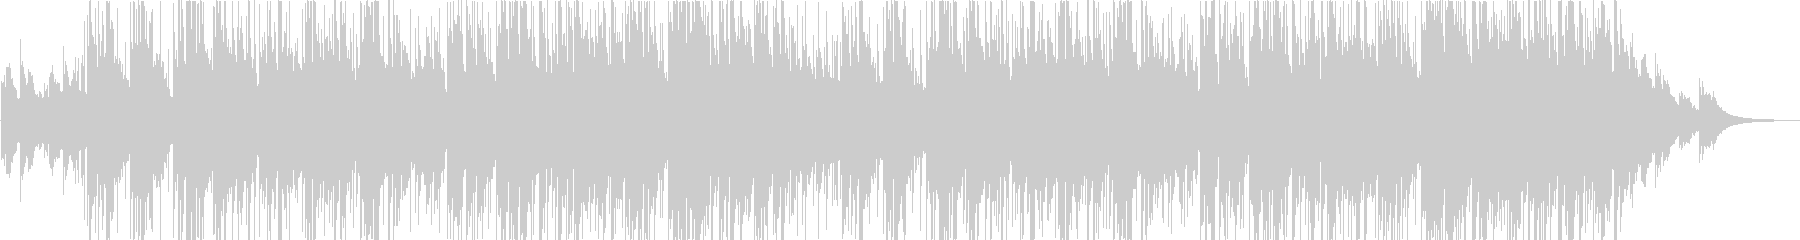 【生演奏】切なくも温かい 優しいアコギ曲の未再生の波形